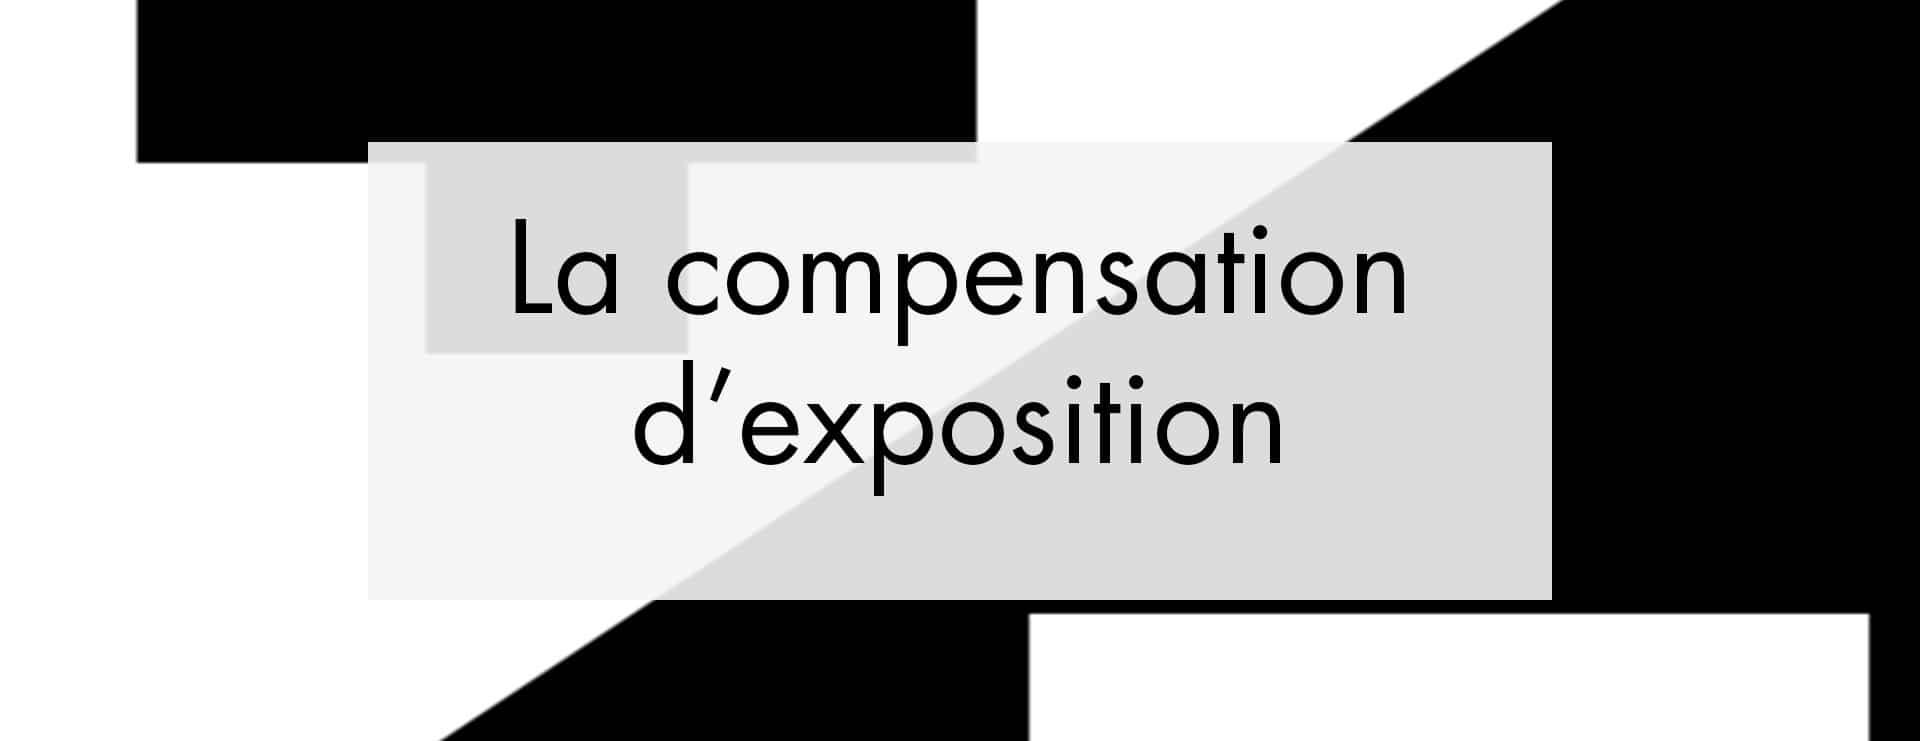 Utiliser la compensation d'exposition